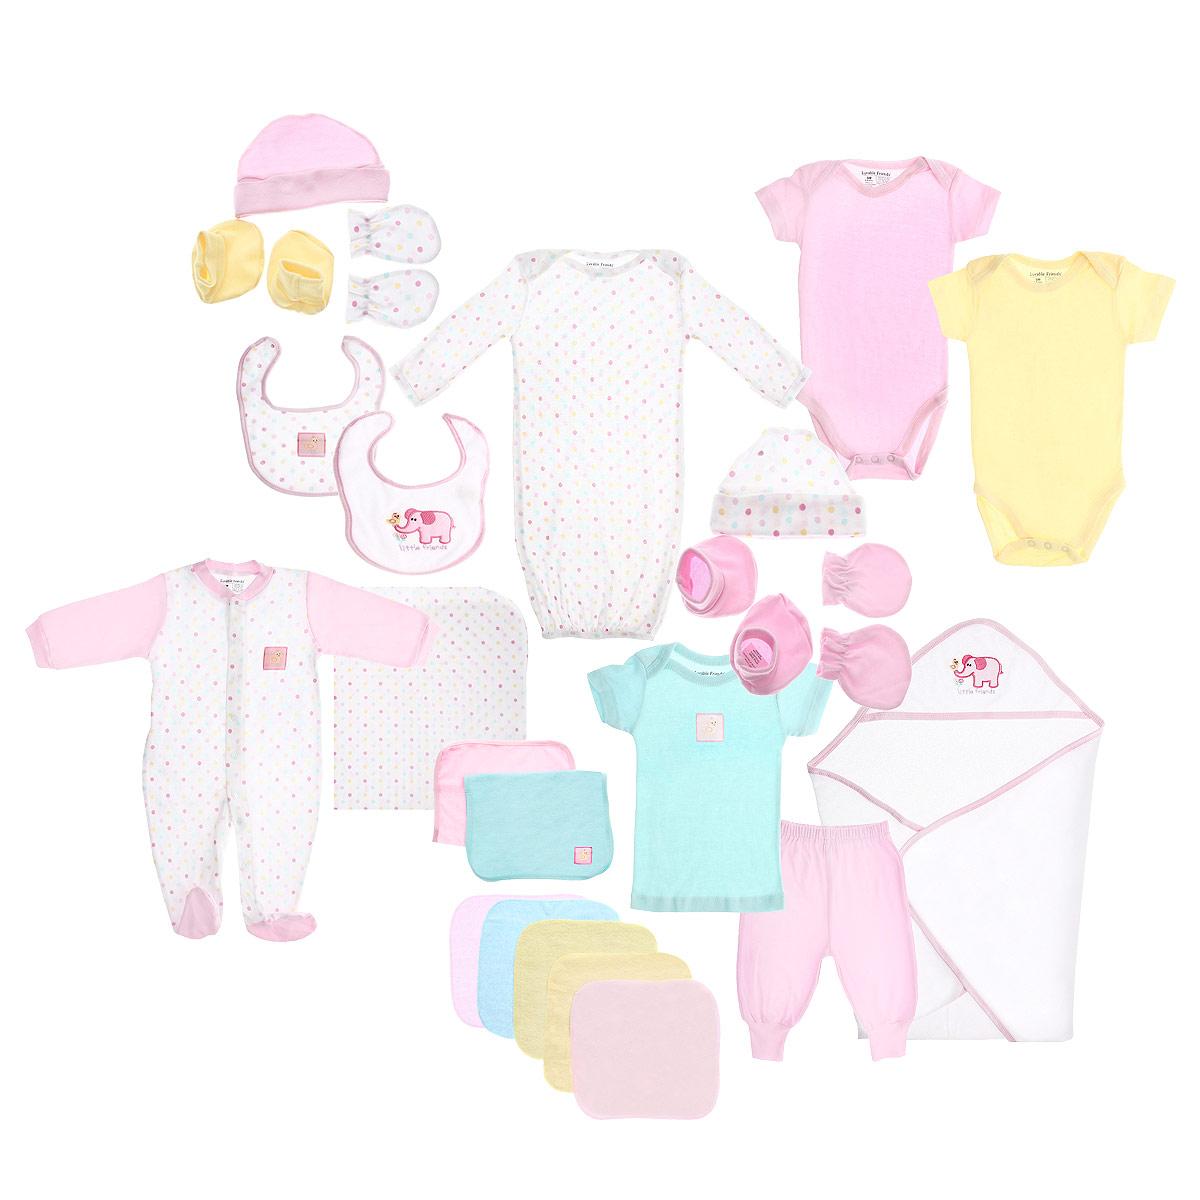 7087Комплект для новорожденного Luvable Friends Делюкс - это замечательный подарок, который прекрасно подойдет для первых дней жизни малыша. Комплект состоит из двух боди, футболки, штанишек, комбинезона, сорочки, двух пар пинеток, двух пар рукавичек, двух шапочек, двух слюнявчиков, пеленки, полотенца с уголком, двух средних полотенец и пяти маленьких полотенчиков. Изготовленный из натурального хлопка, он необычайно мягкий и приятный на ощупь, не сковывает движения малыша и позволяет коже дышать, не раздражает даже самую нежную и чувствительную кожу ребенка, обеспечивая ему наибольший комфорт. Удобные боди с круглым вырезом горловины и короткими рукавами имеют специальные запахи на плечах и кнопки на ластовице, что значительно облегчает процесс переодевания ребенка и смену подгузника. Футболка с короткими рукавами также имеет запахи на плечах, а на груди оформлена оригинальной нашивкой с изображением обезьянки. Детские штанишки очень удобные, с мягкой резинкой на...